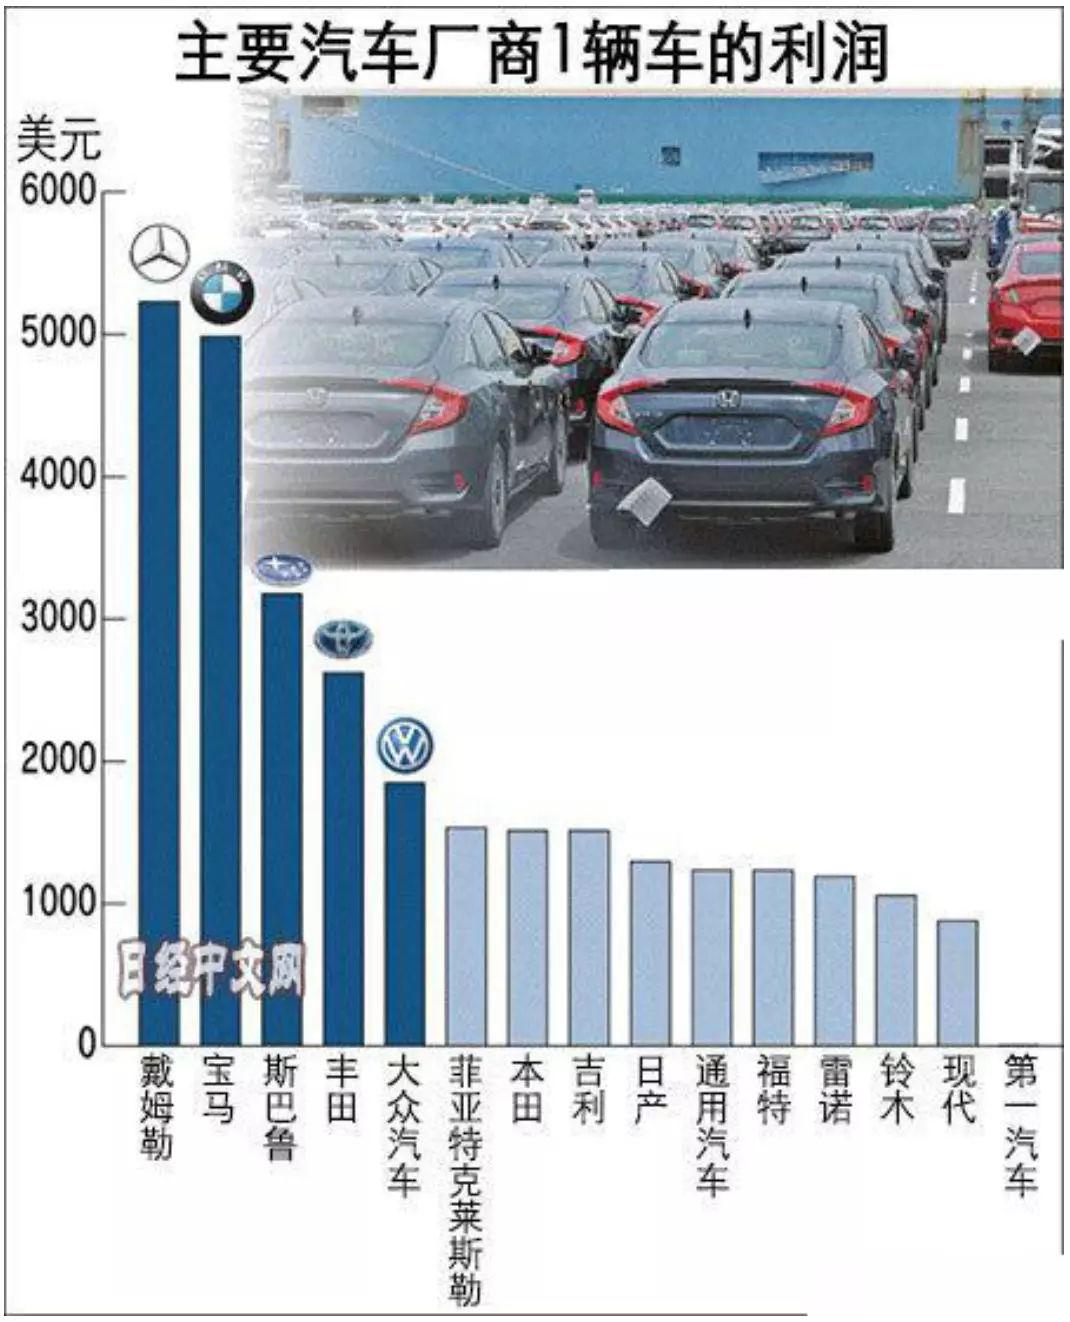 2019车企利润排行_汽车的利润一般都是多少 主流车企汽车利润排行榜出